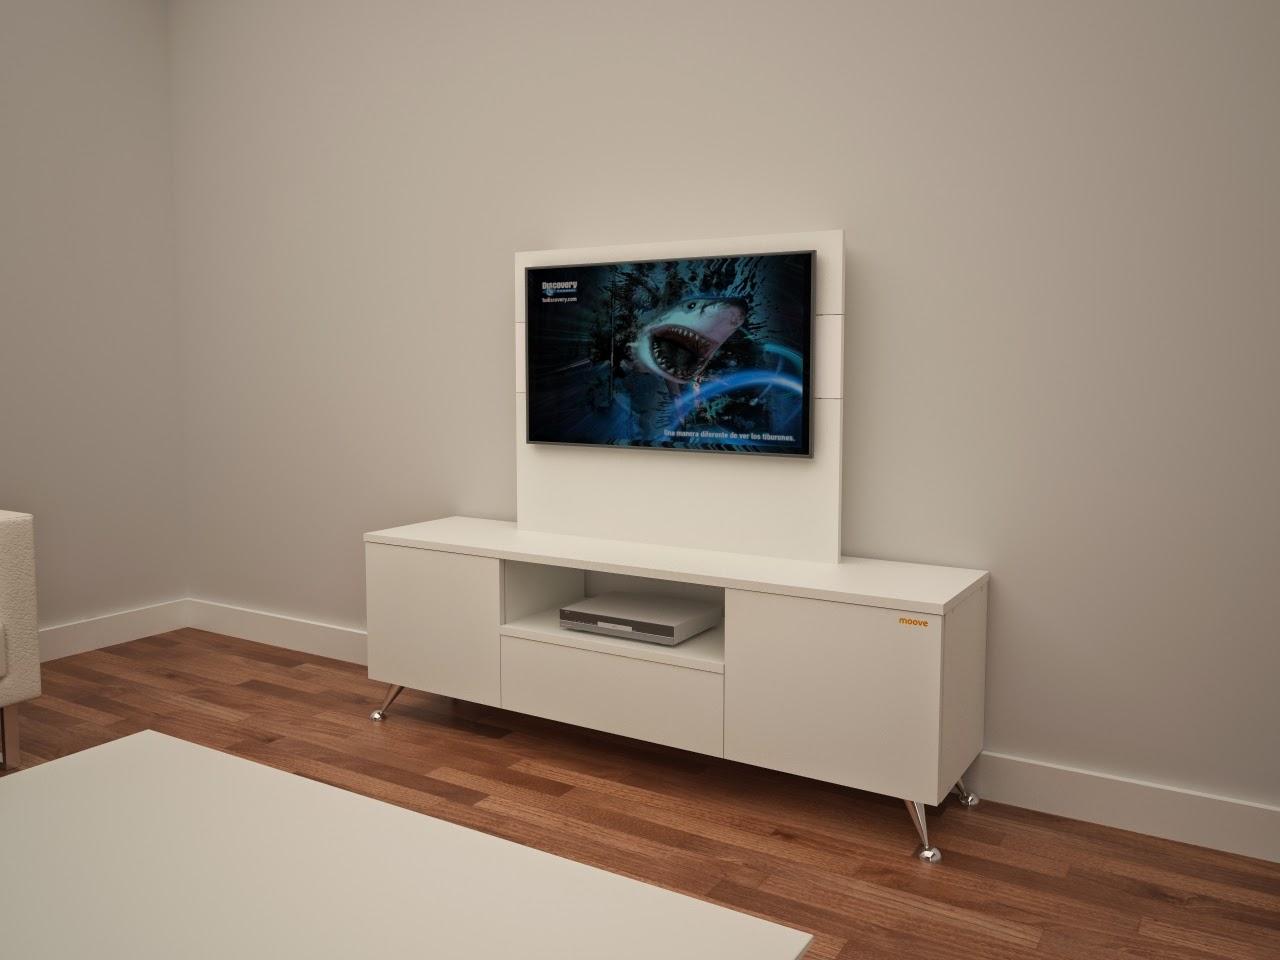 Muebles de diseño: Composición 1 mueble para TV con fondo para ...